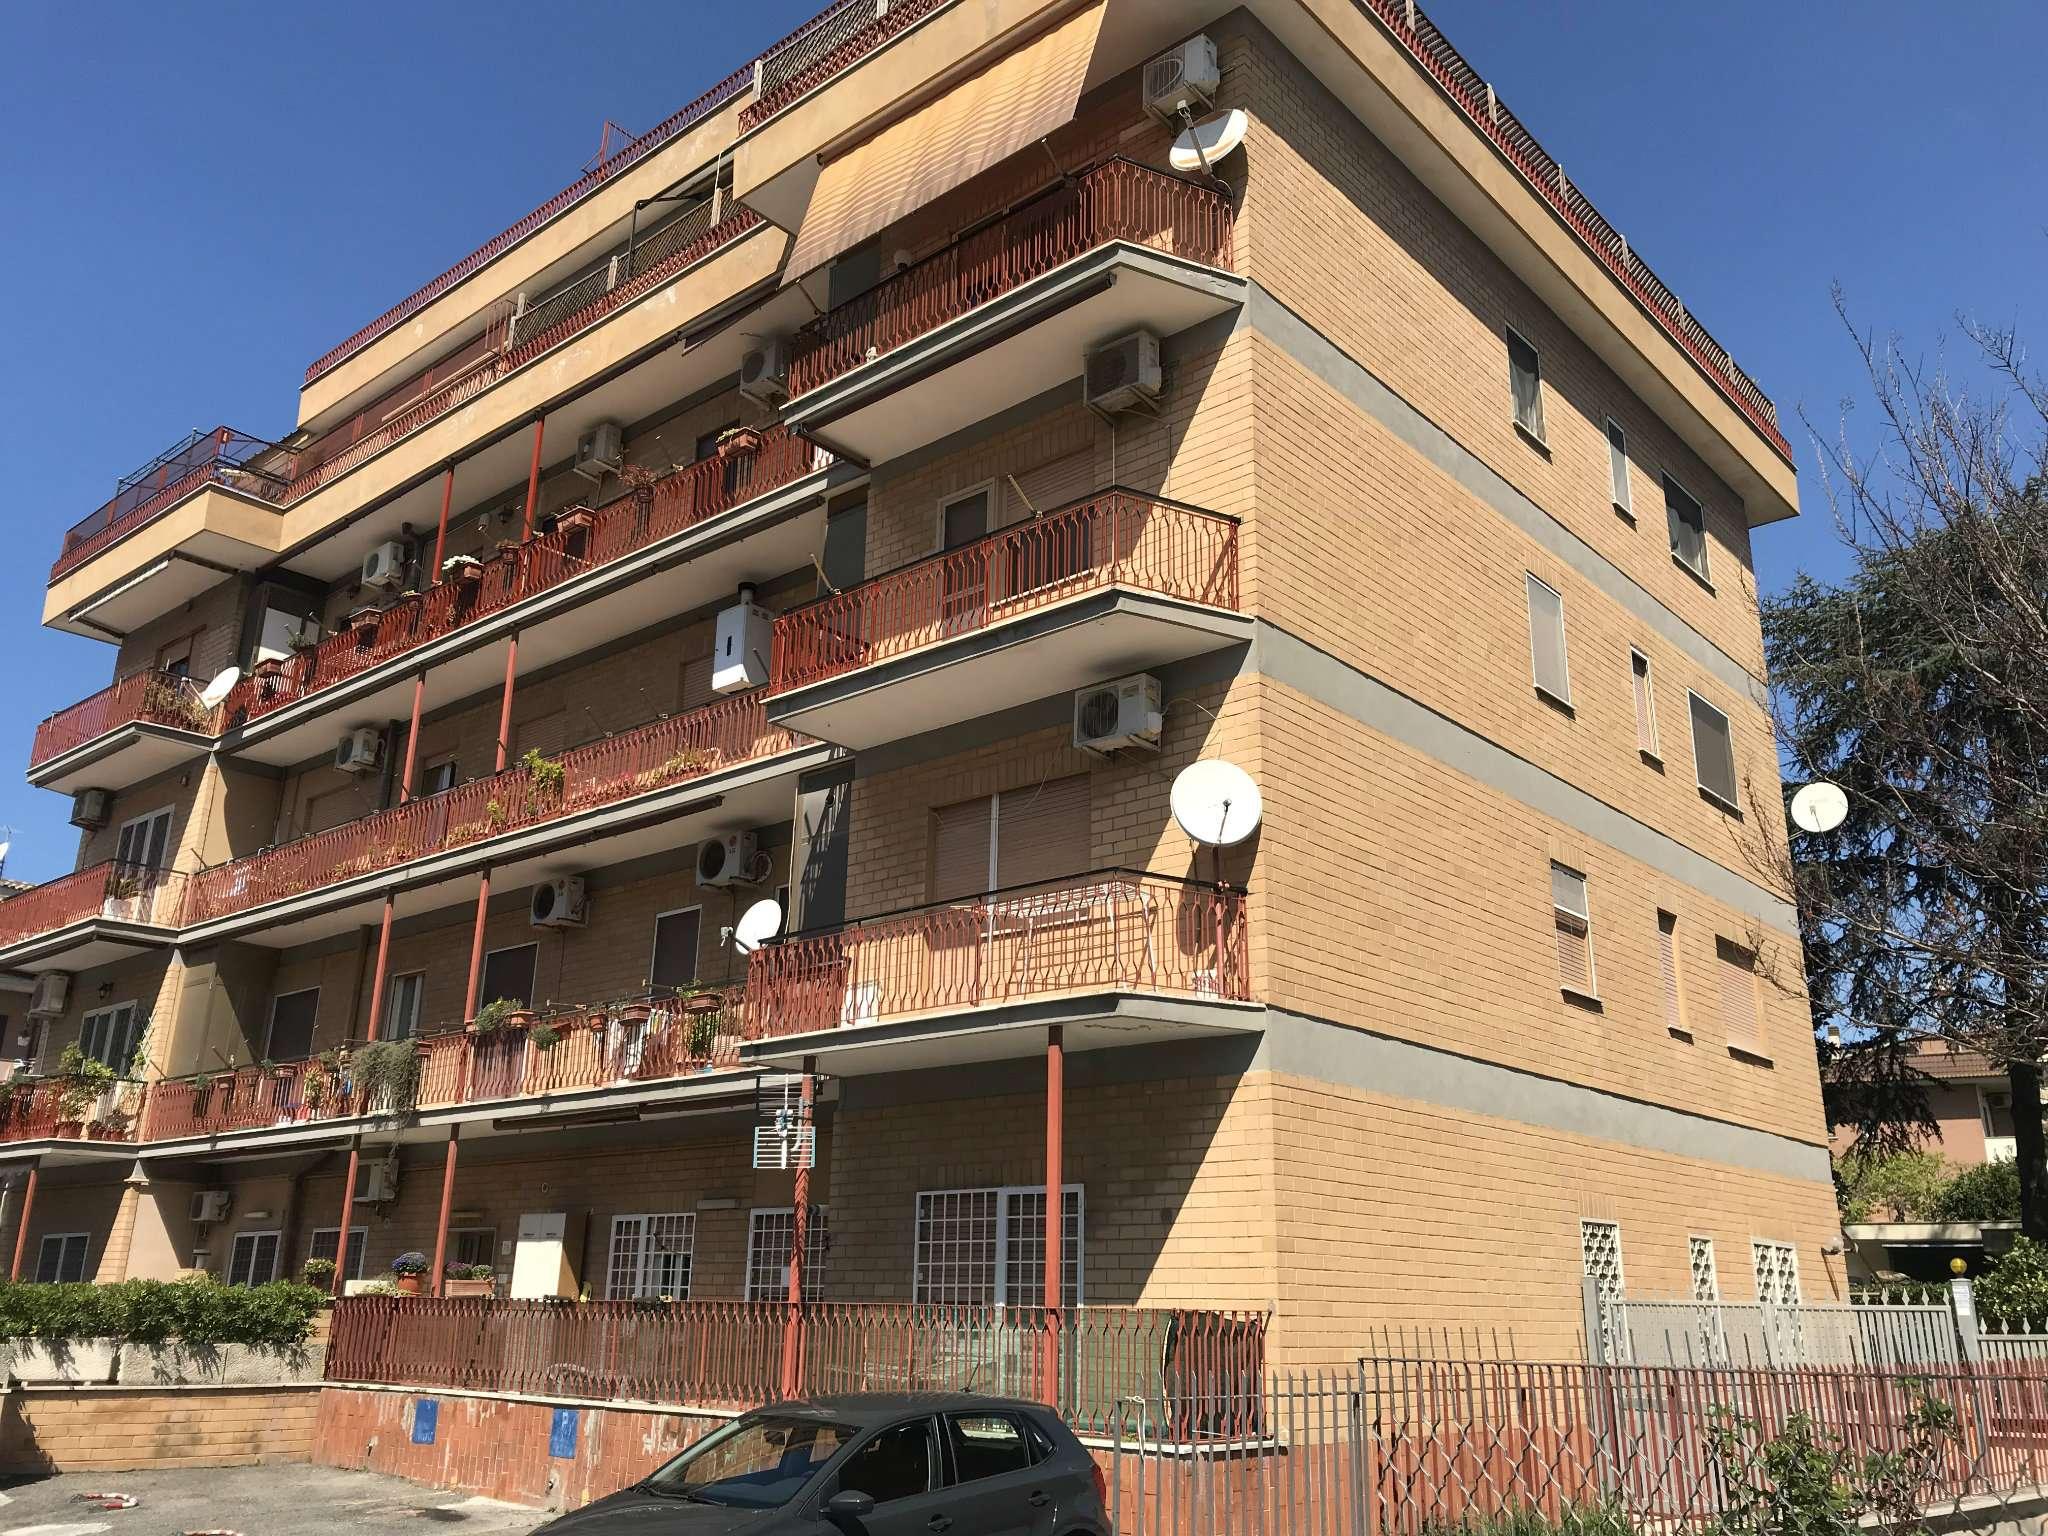 Appartamento in vendita a Roma, 6 locali, zona Zona: 40 . Piana del Sole, Casal Lumbroso, Malagrotta, Ponte Galeria, prezzo € 219.000 | CambioCasa.it